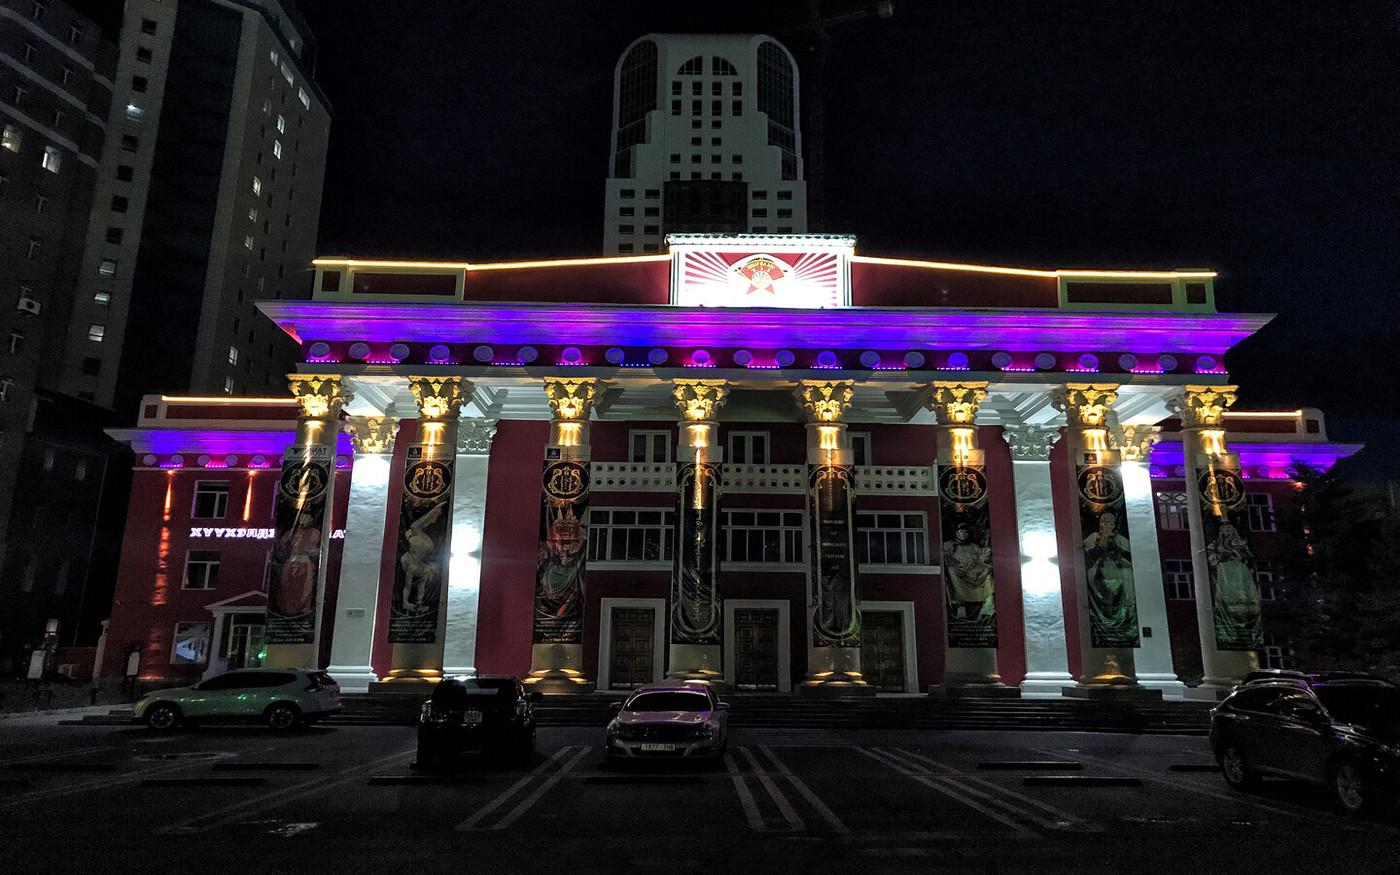 Oświetlony Teatr Dramatyczny w Ulan Bator